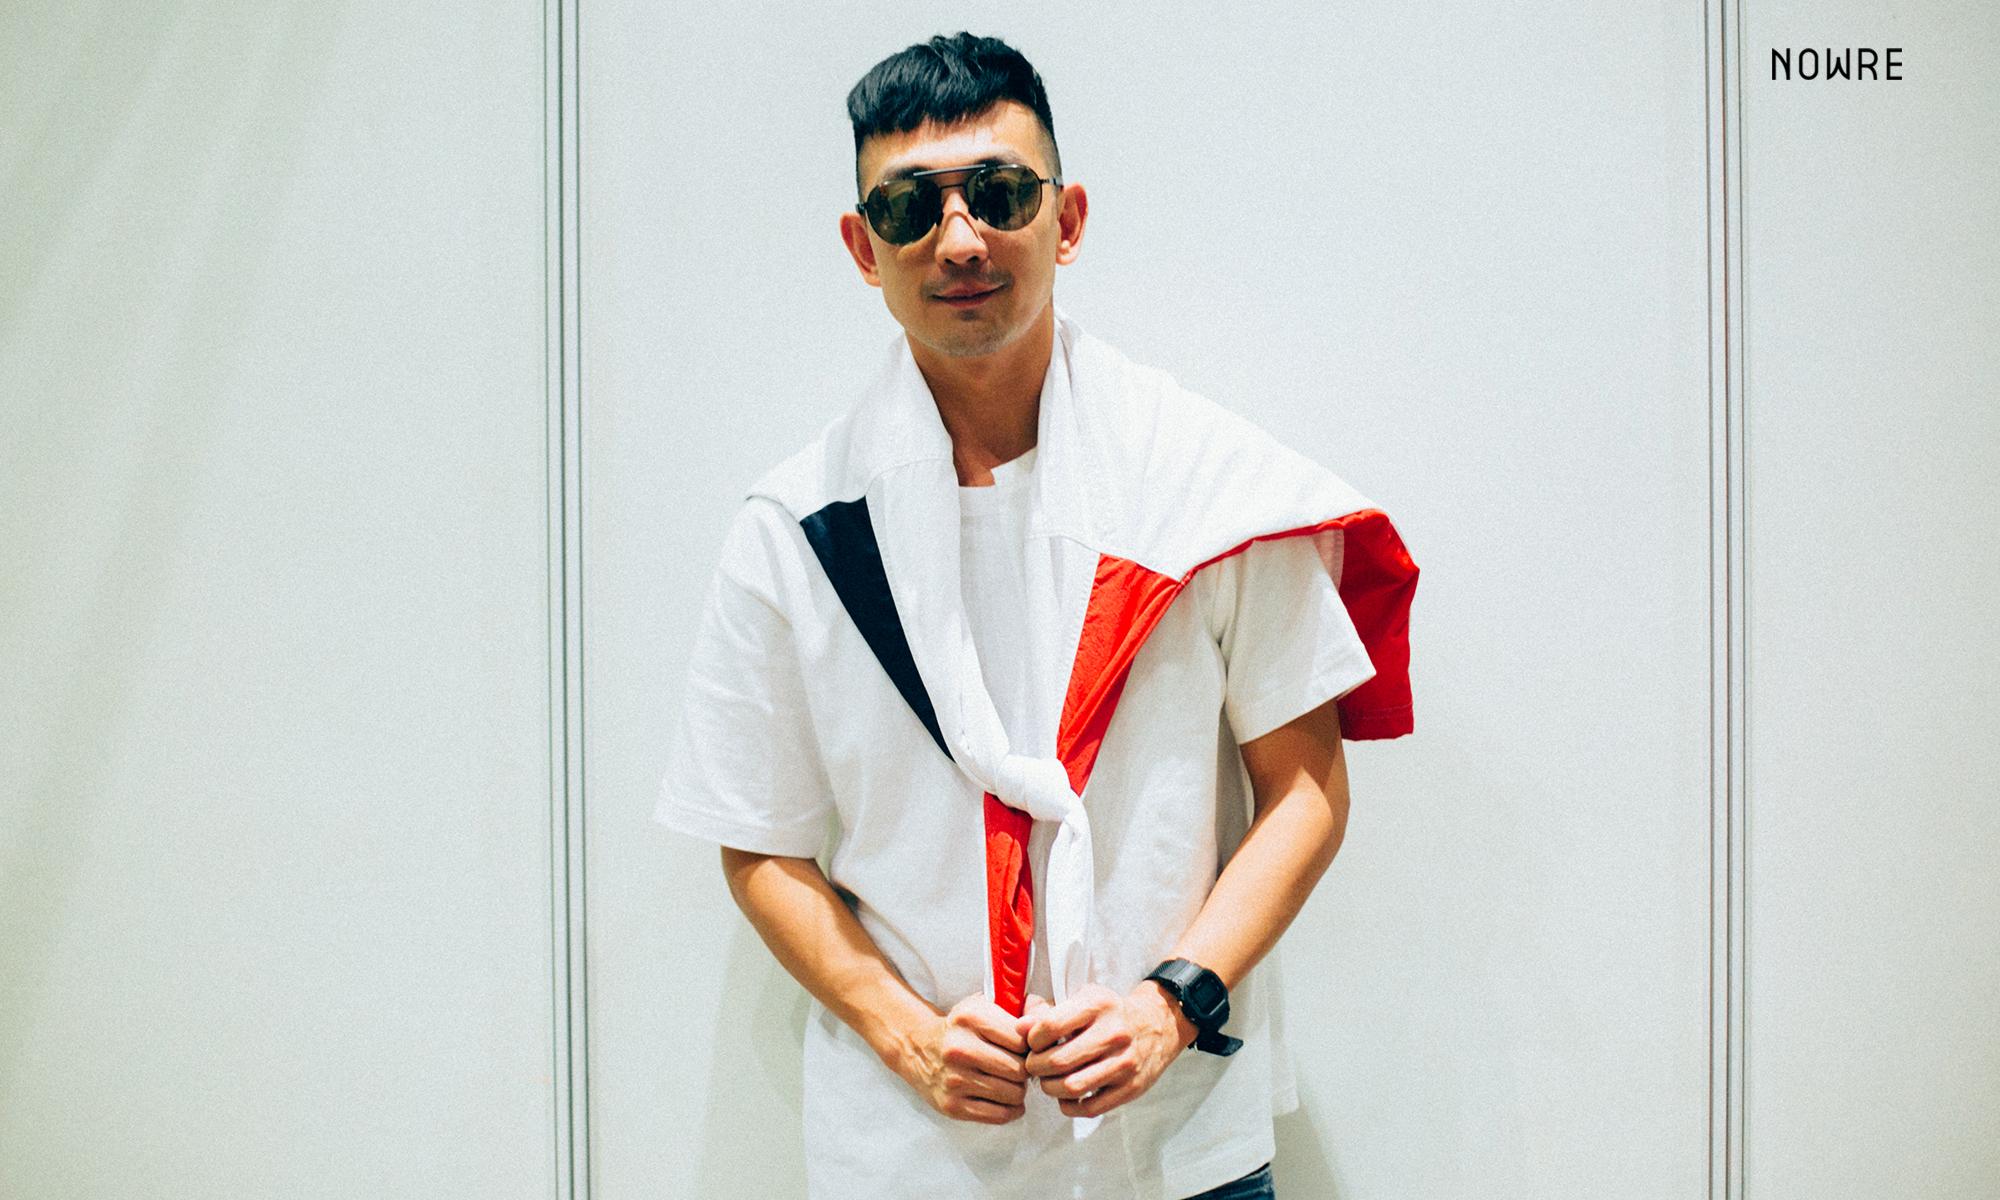 专访李灿森 :如果是特别喜欢的衣服,我一定会把它买下来